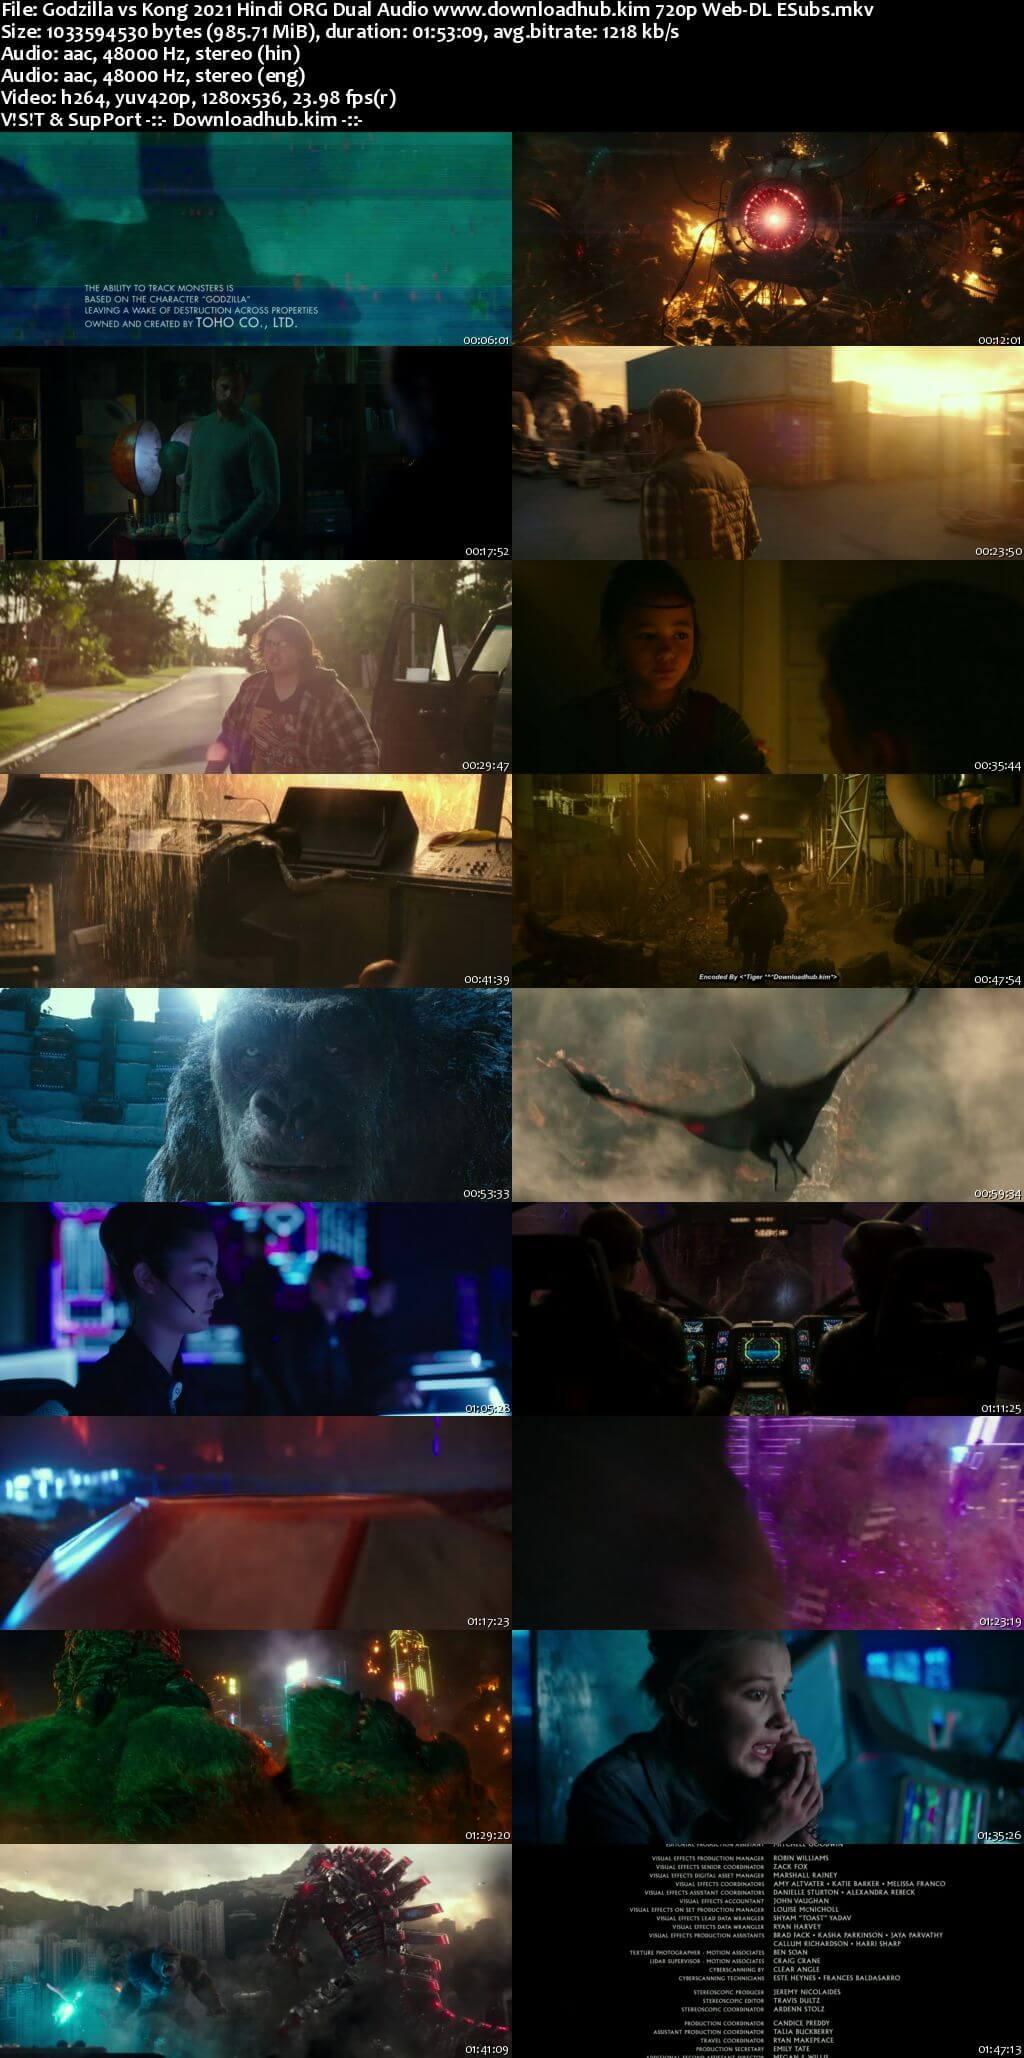 Godzilla vs Kong 2021 Hindi ORG Dual Audio 720p Web-DL ESubs